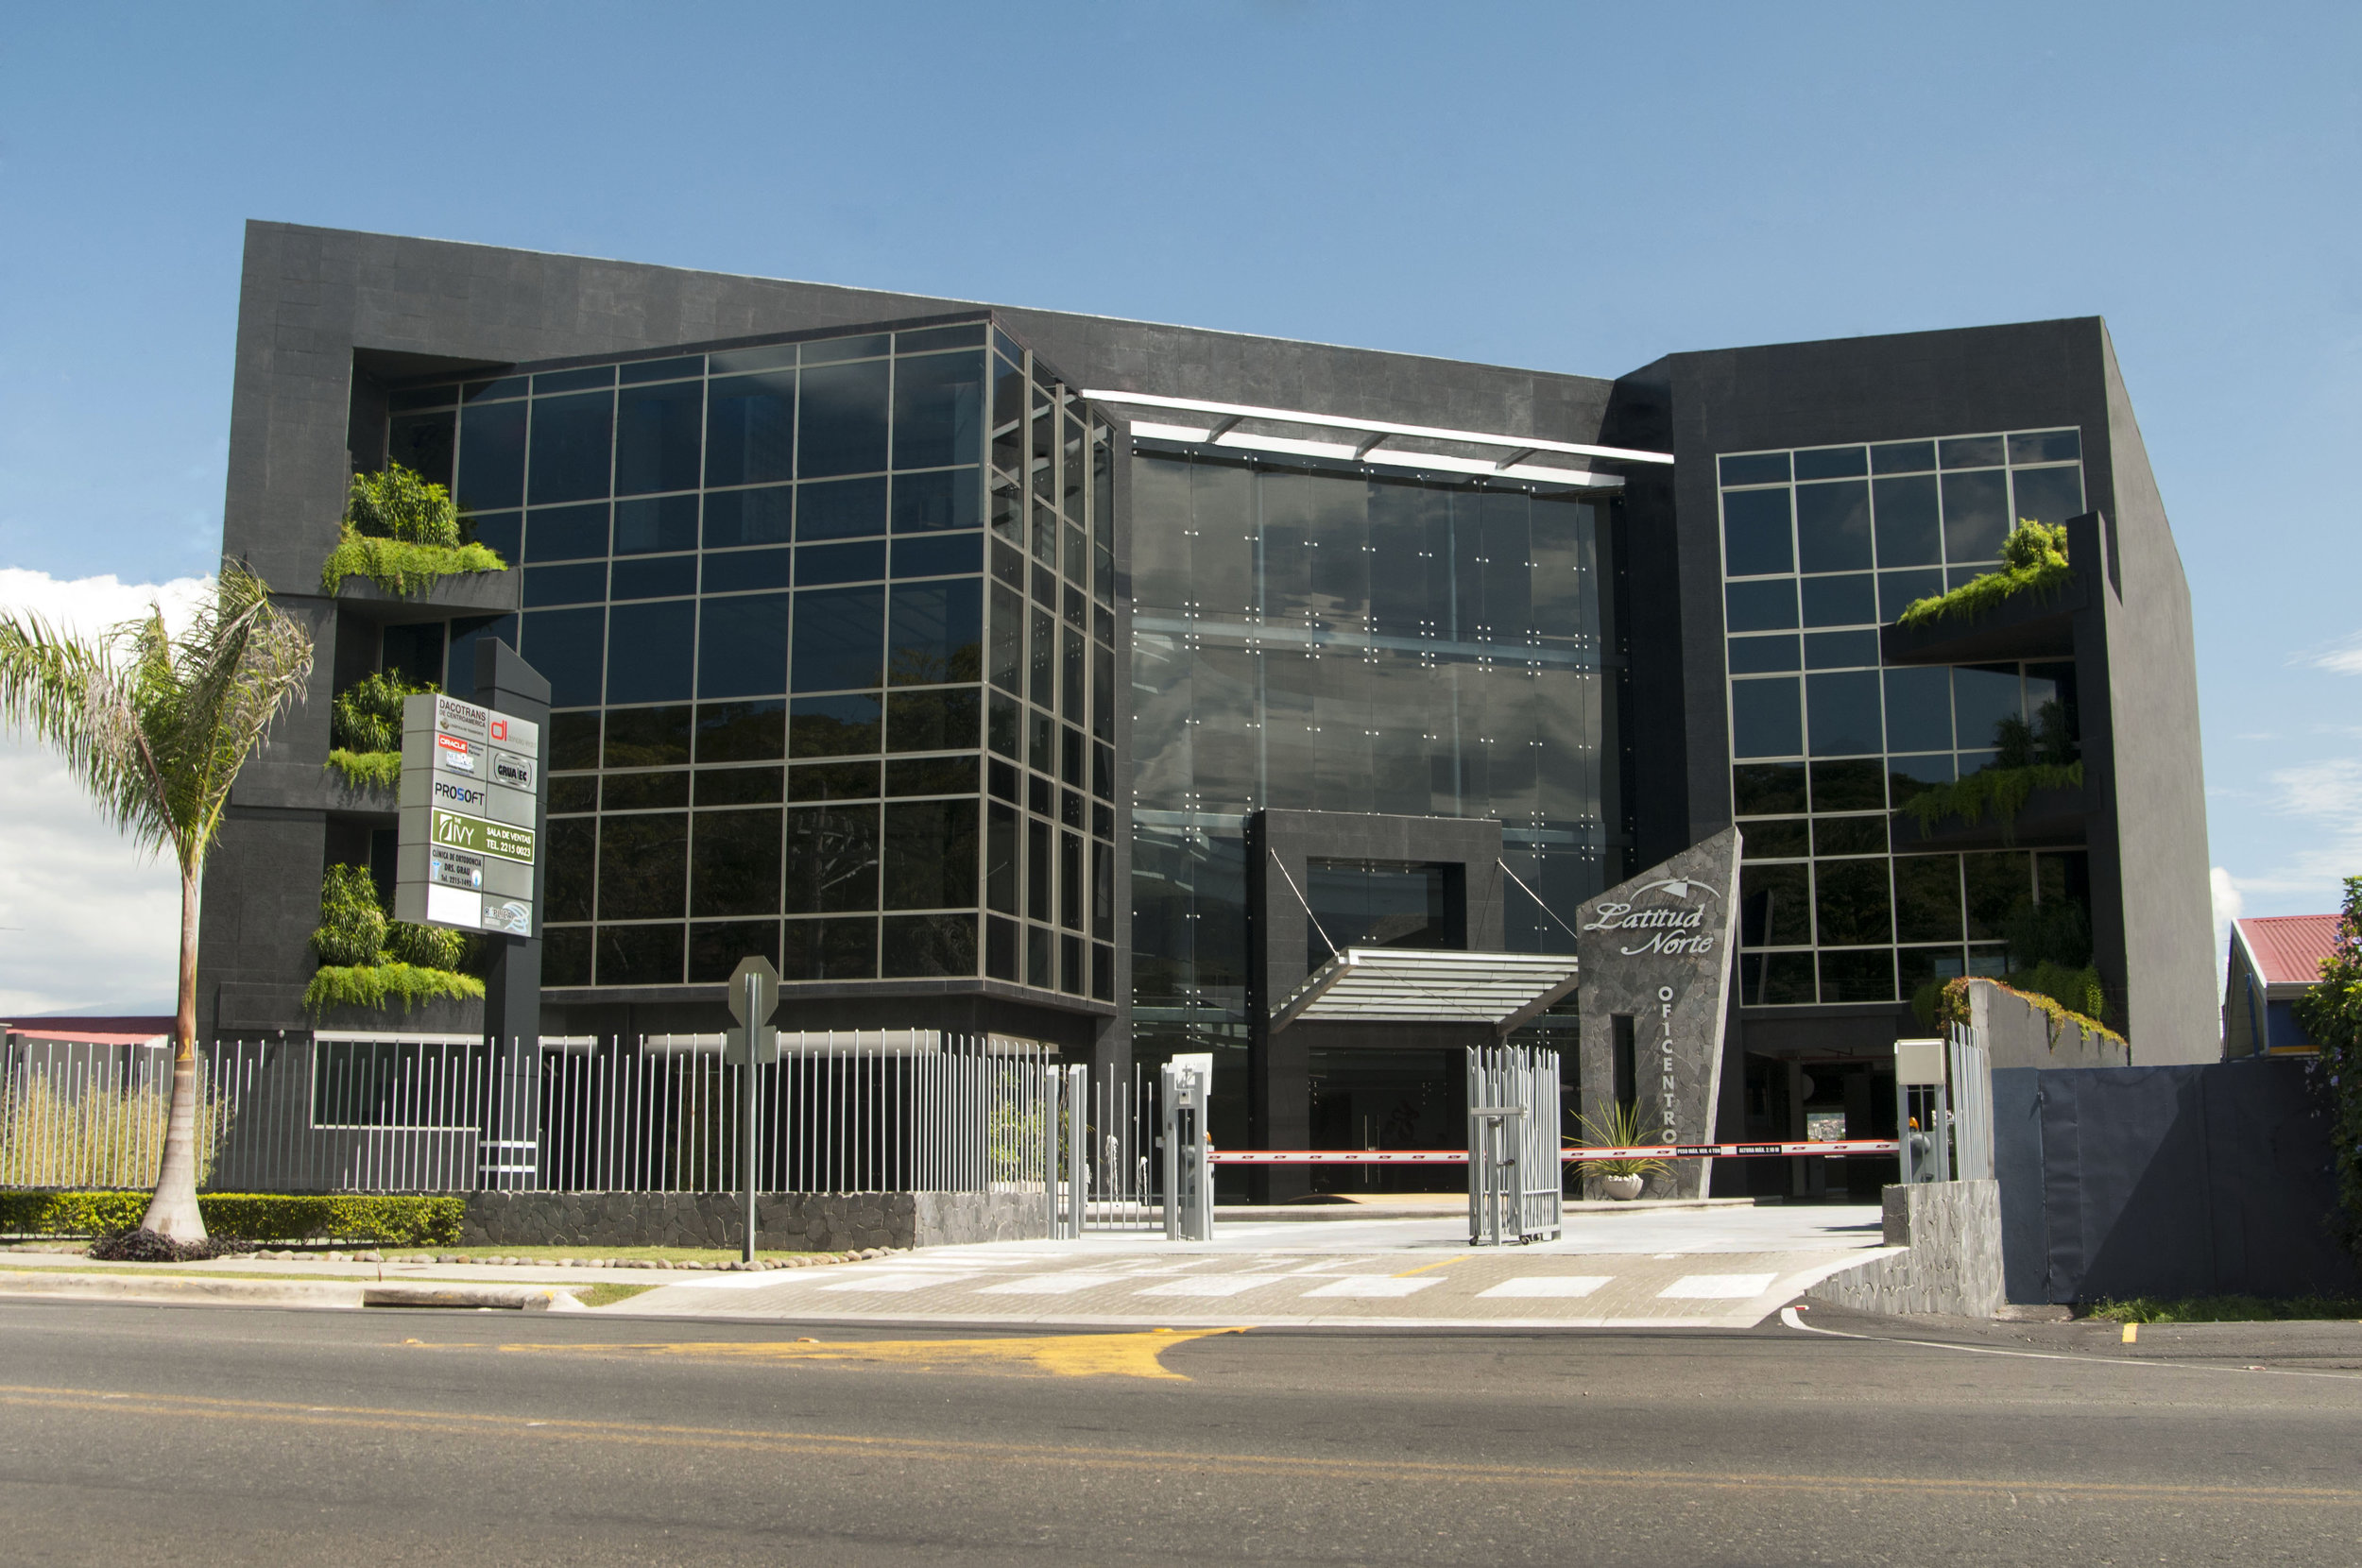 Oficentro Latitud Norte.jpg